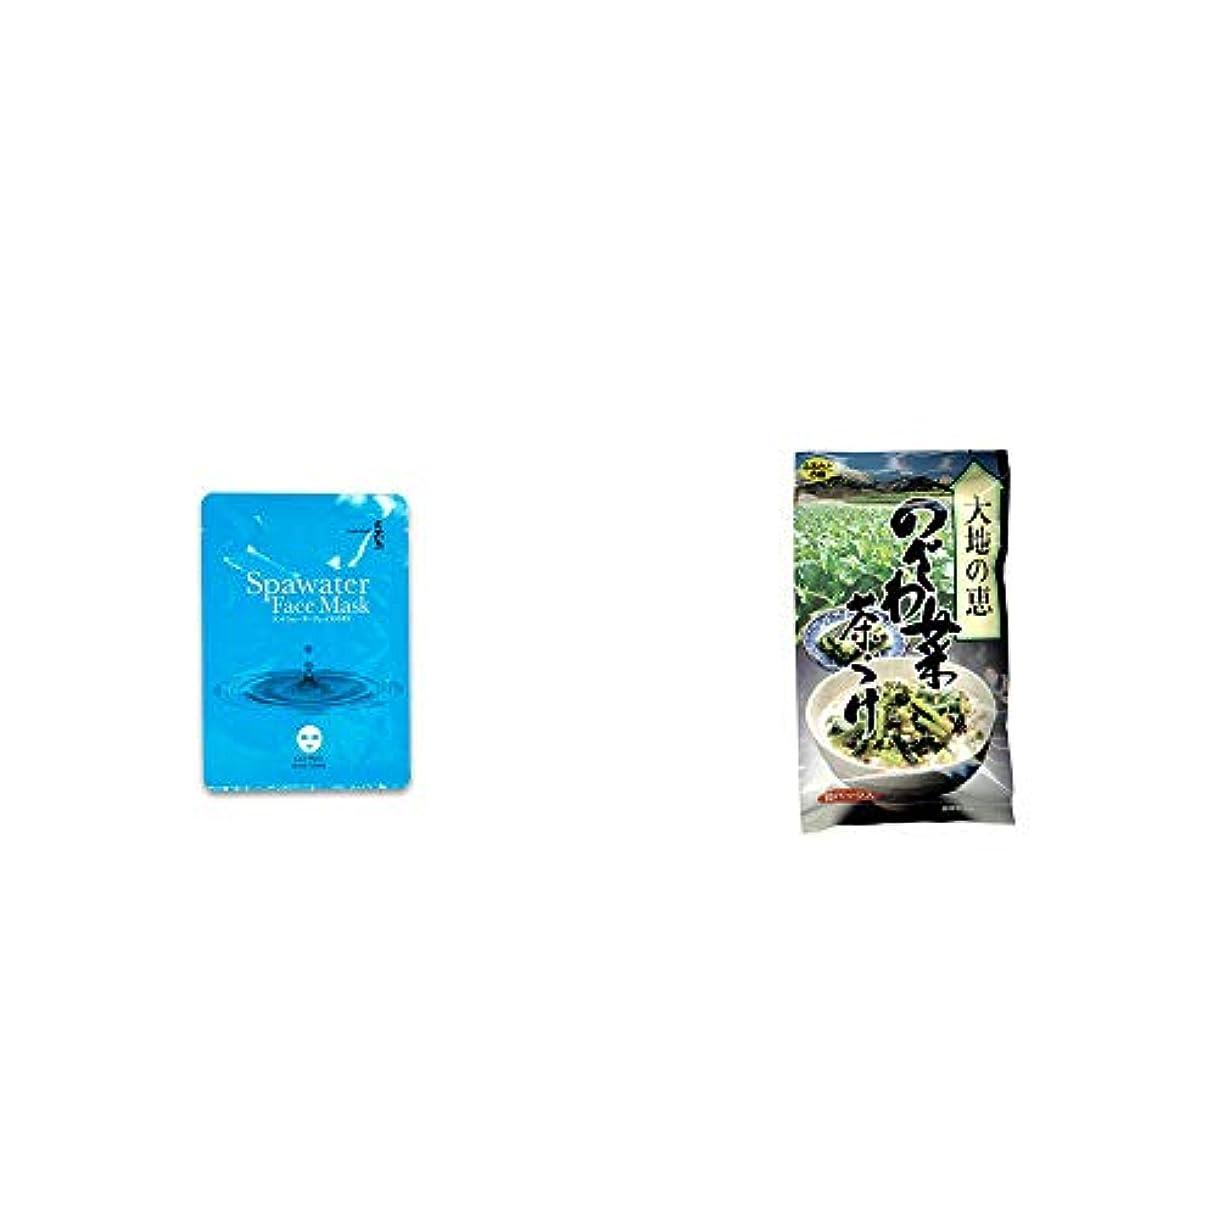 内陸吸い込む常に[2点セット] ひのき炭黒泉 スパウォーターフェイスマスク(18ml×3枚入)?特選茶漬け 大地の恵 のざわ菜茶づけ(10袋入)